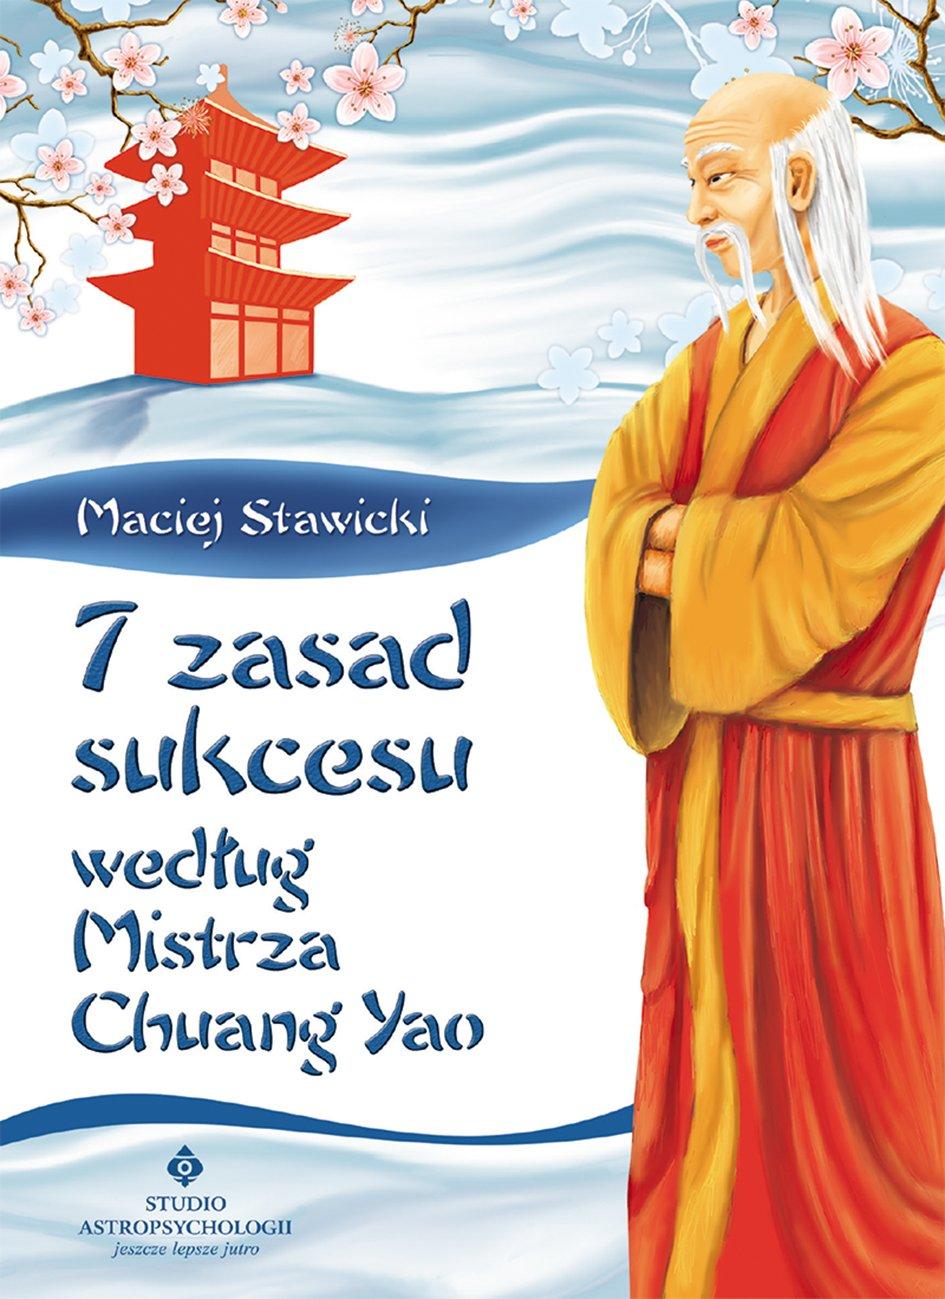 7 zasad sukcesu według Mistrza Chuang Yao - Ebook (Książka na Kindle) do pobrania w formacie MOBI